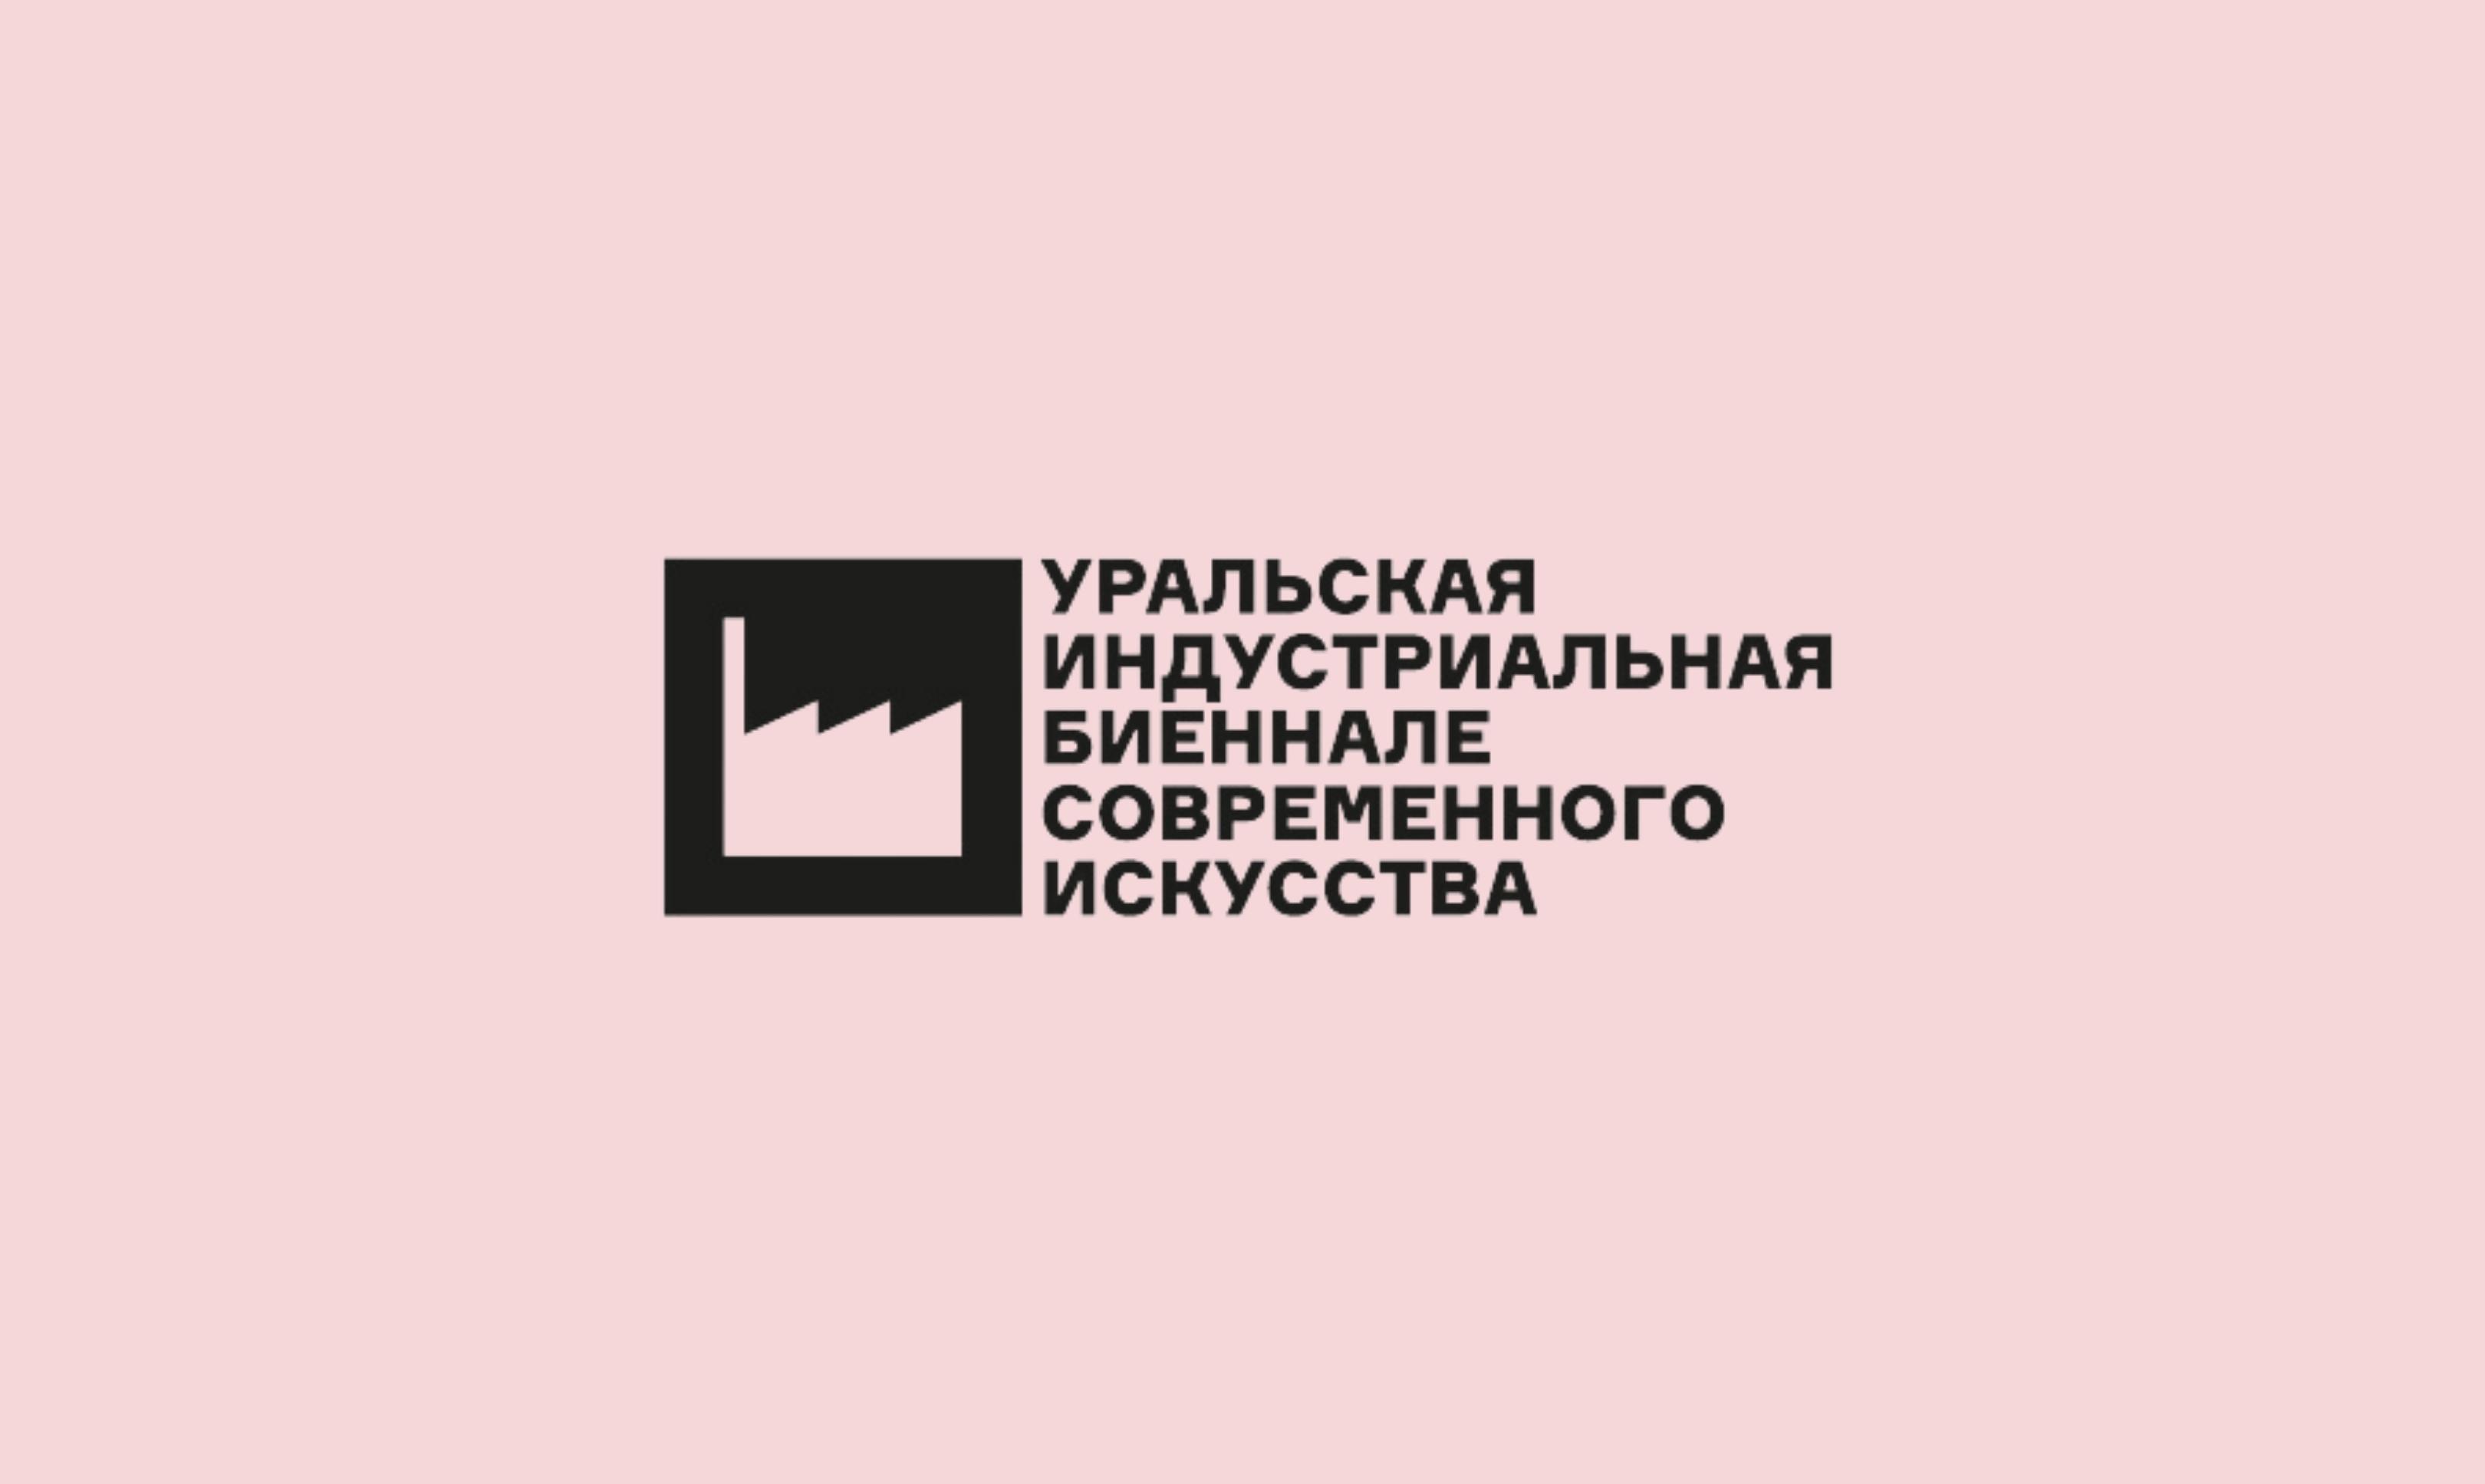 Уральская индустриальная биеннале пройдет сразу на четырех площадках